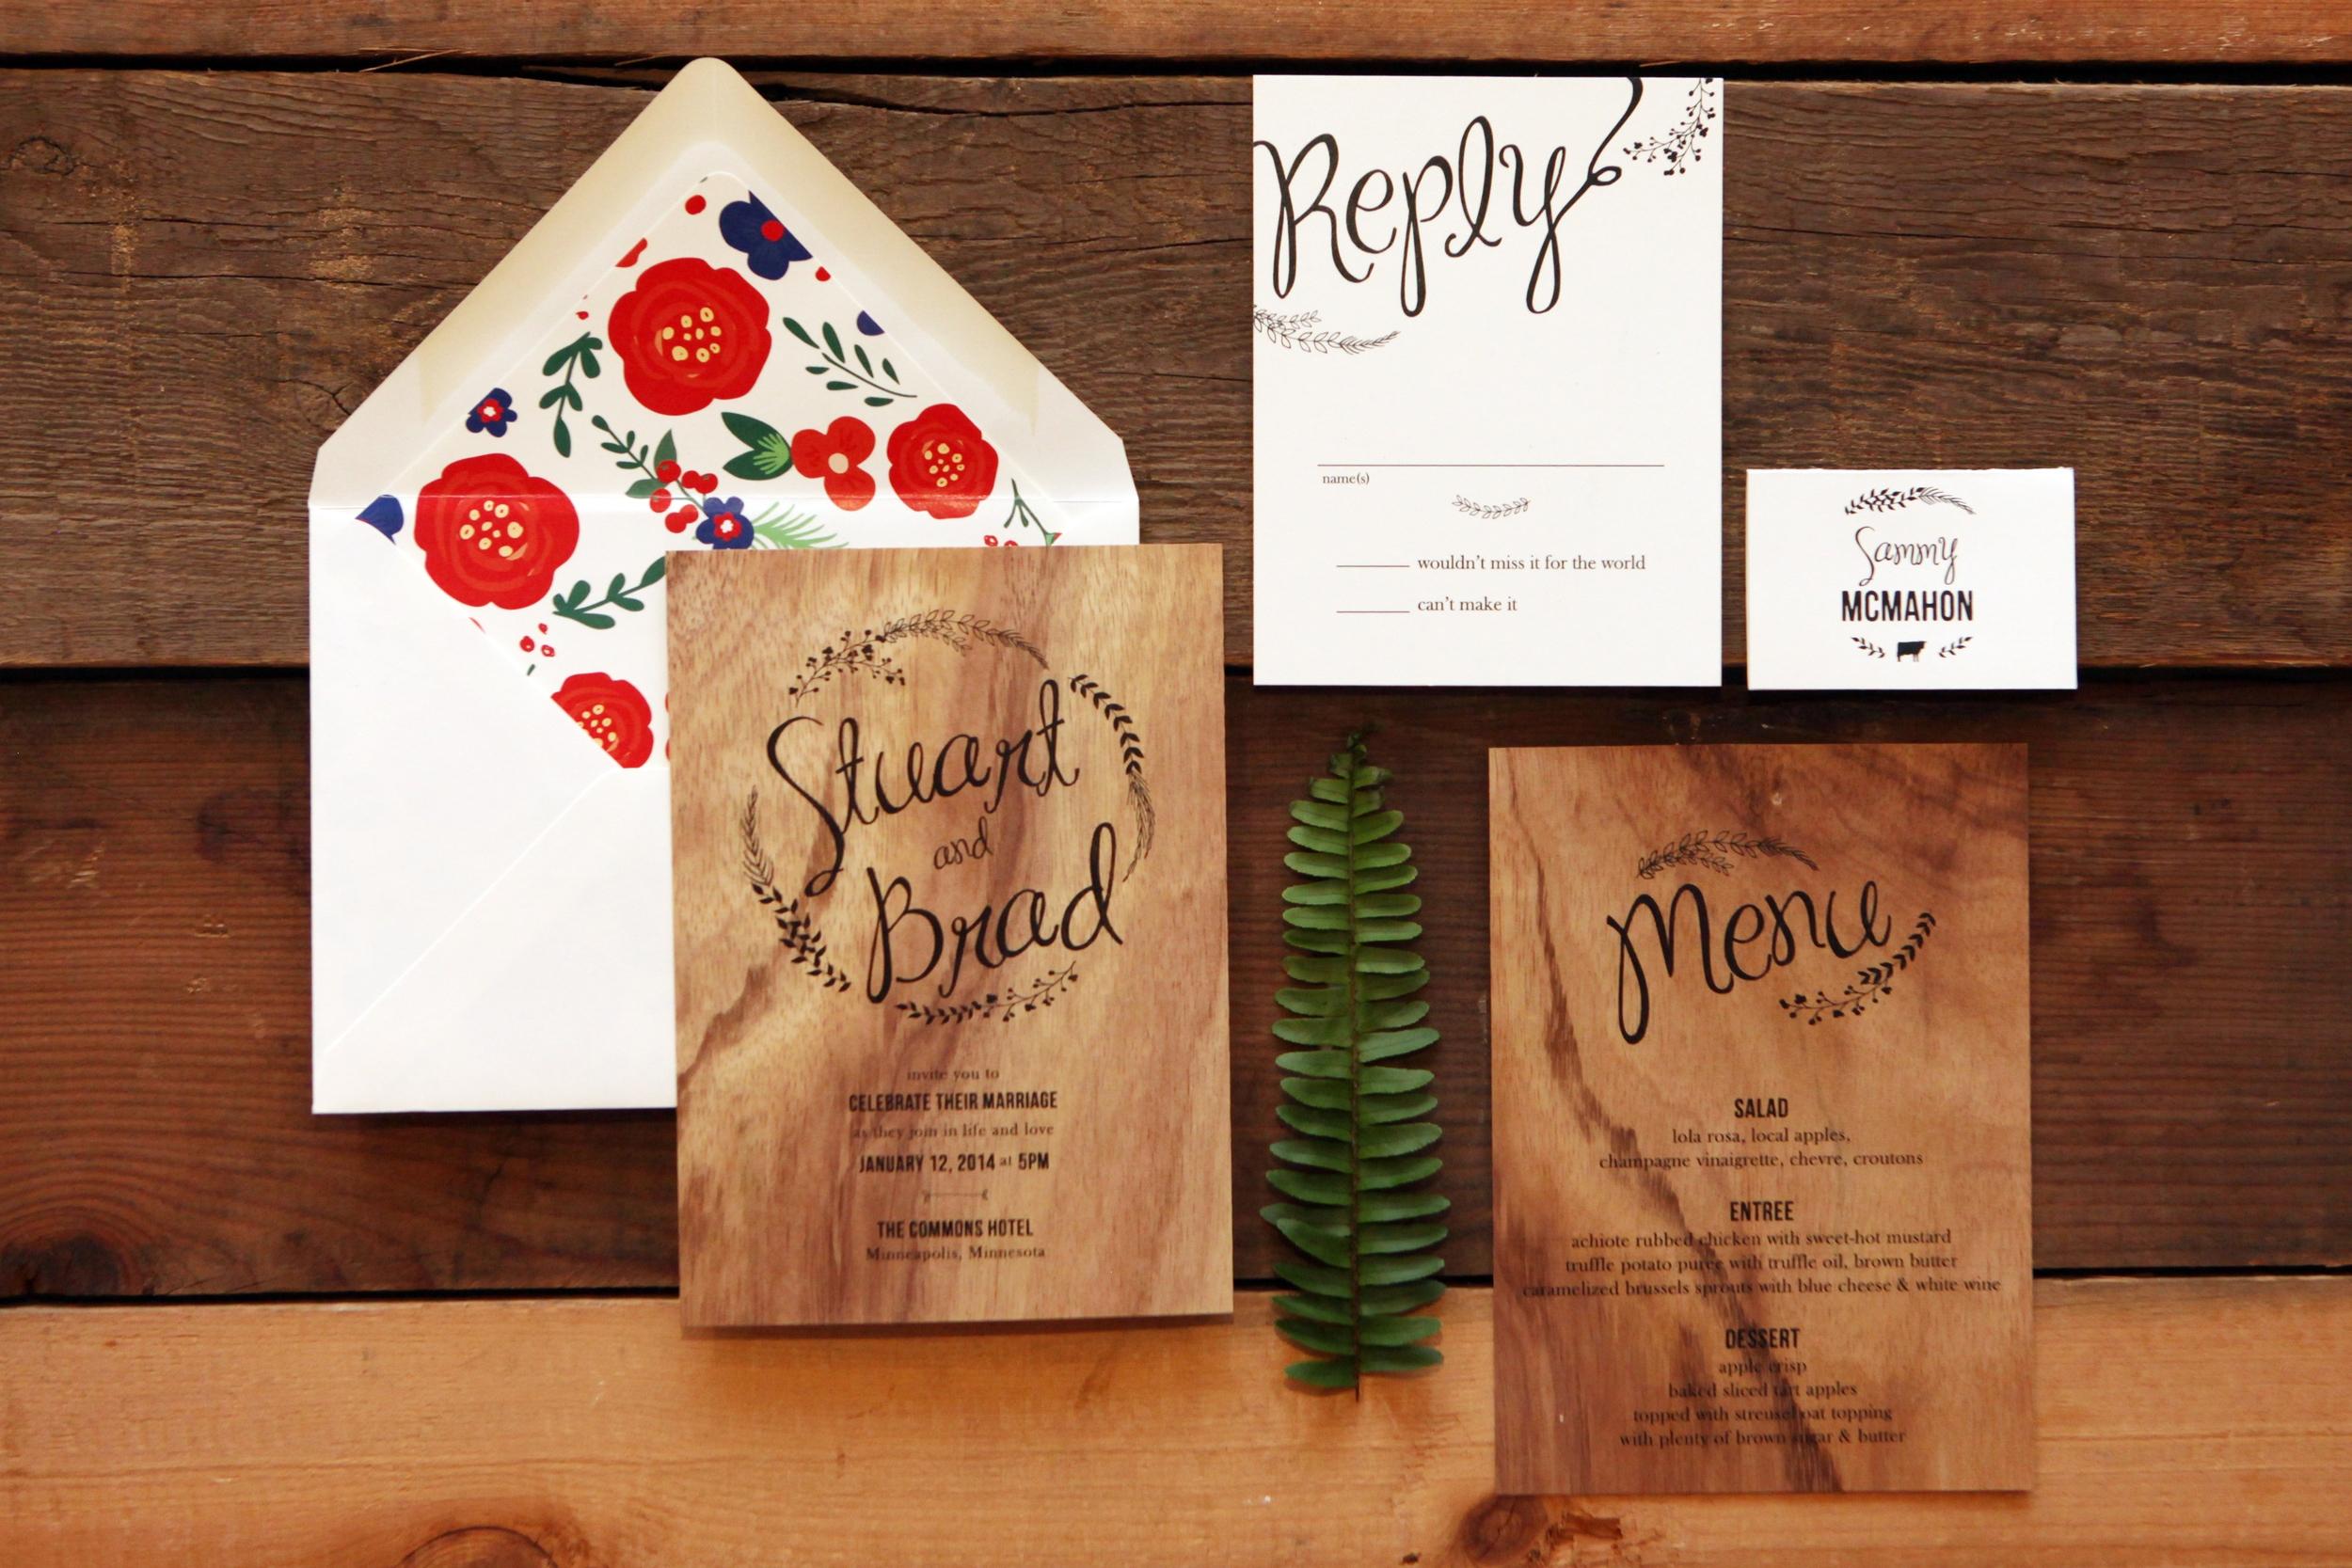 Custom wood invitations - Minneapolis, Minnesota